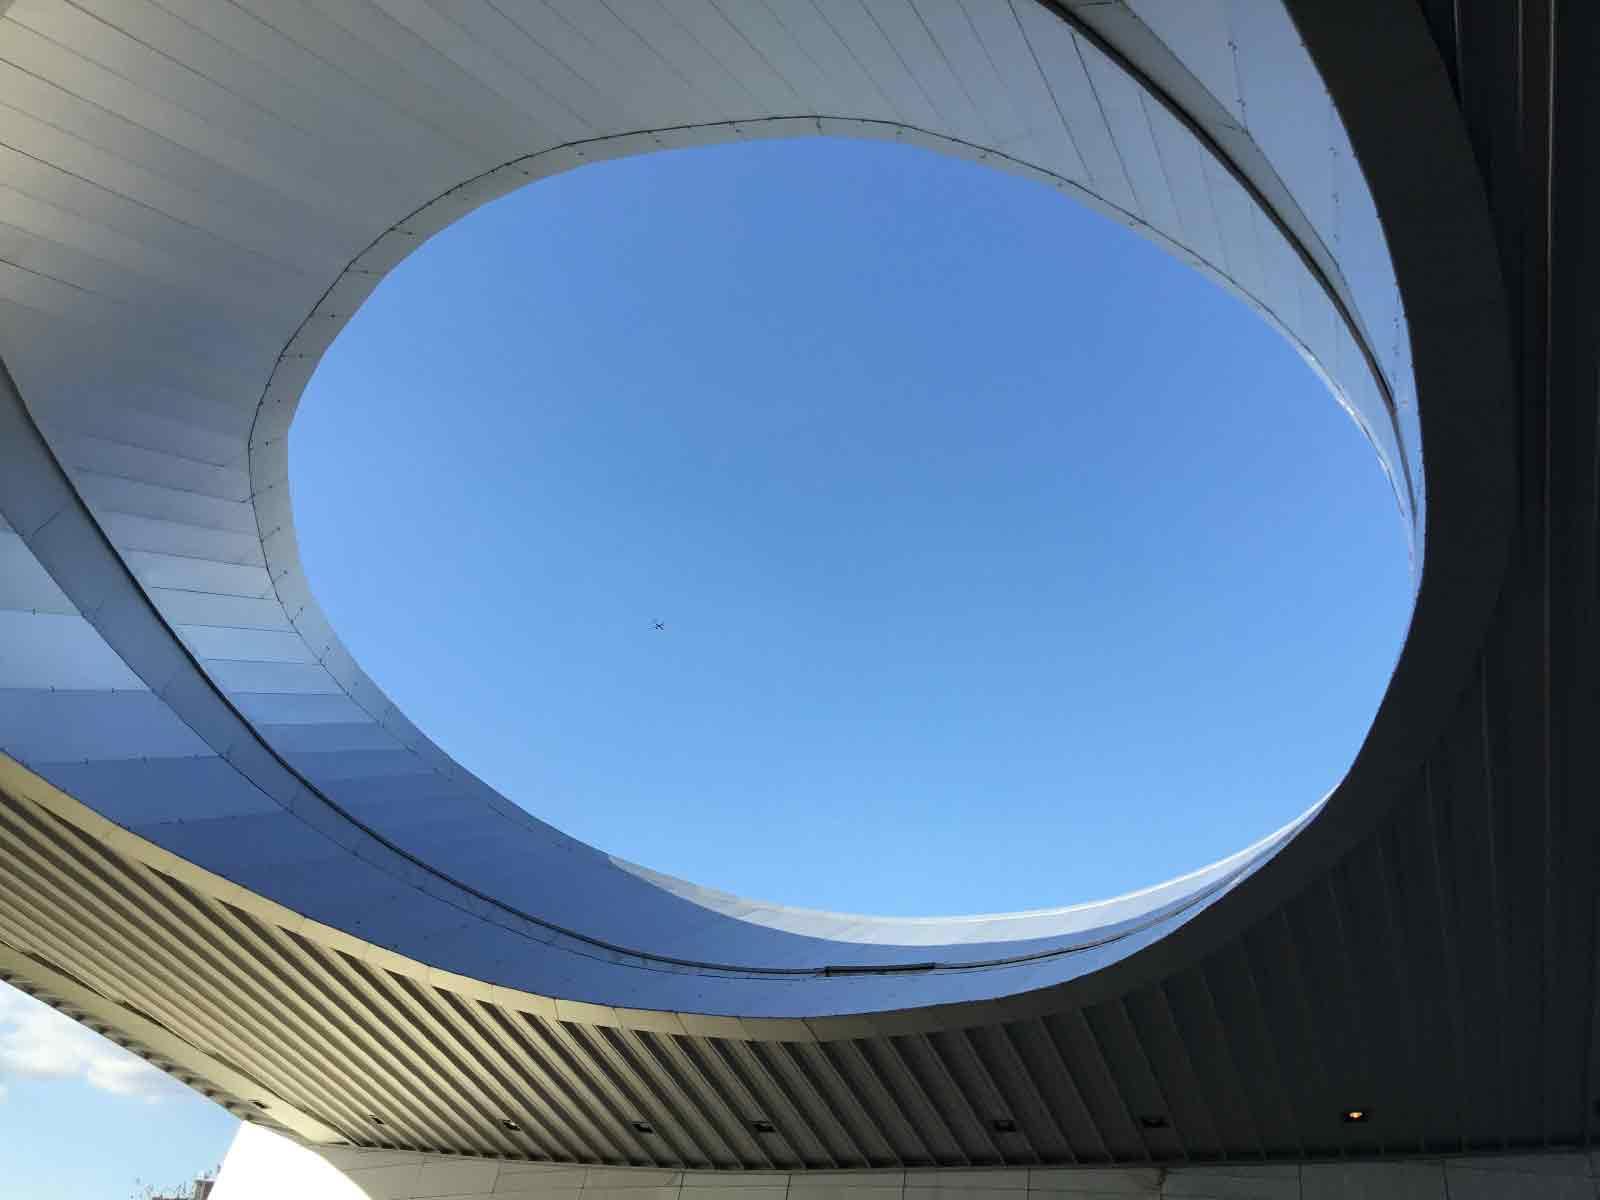 穴の開いた天井から見える飛行機」